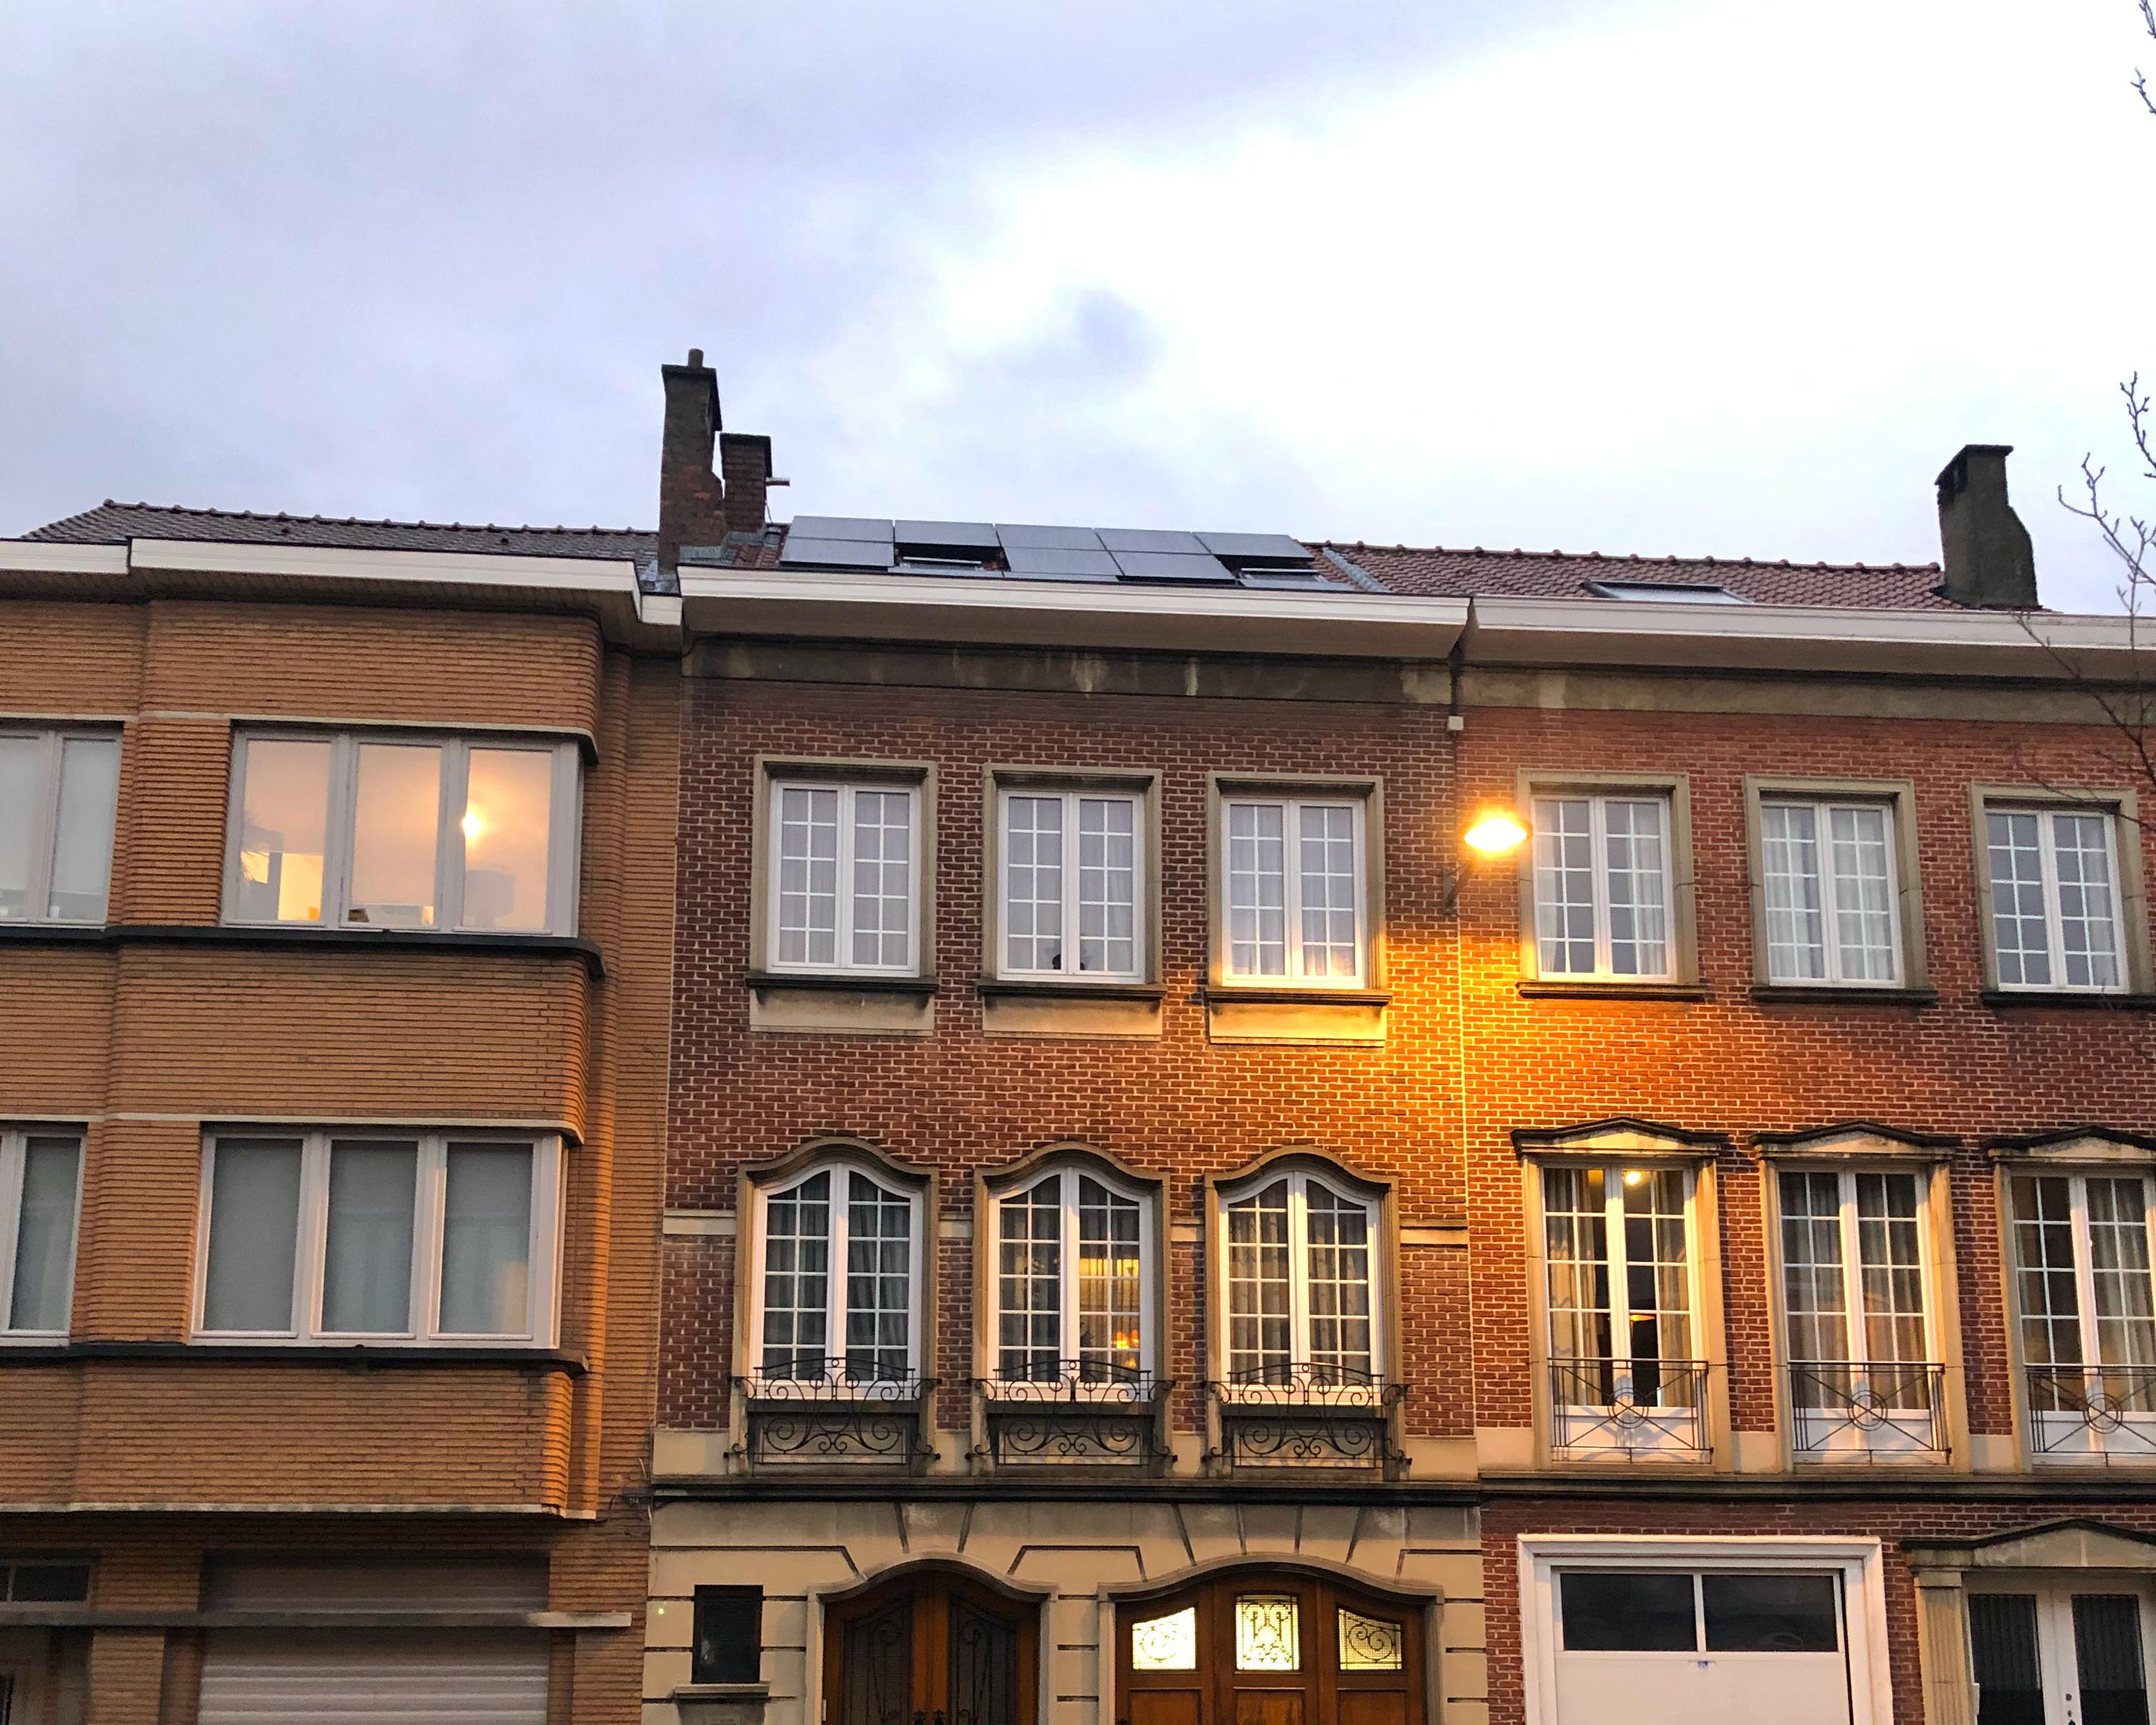 Installation panneaux photovoltaïques Sunpower Performance P19 320 Black Energreen